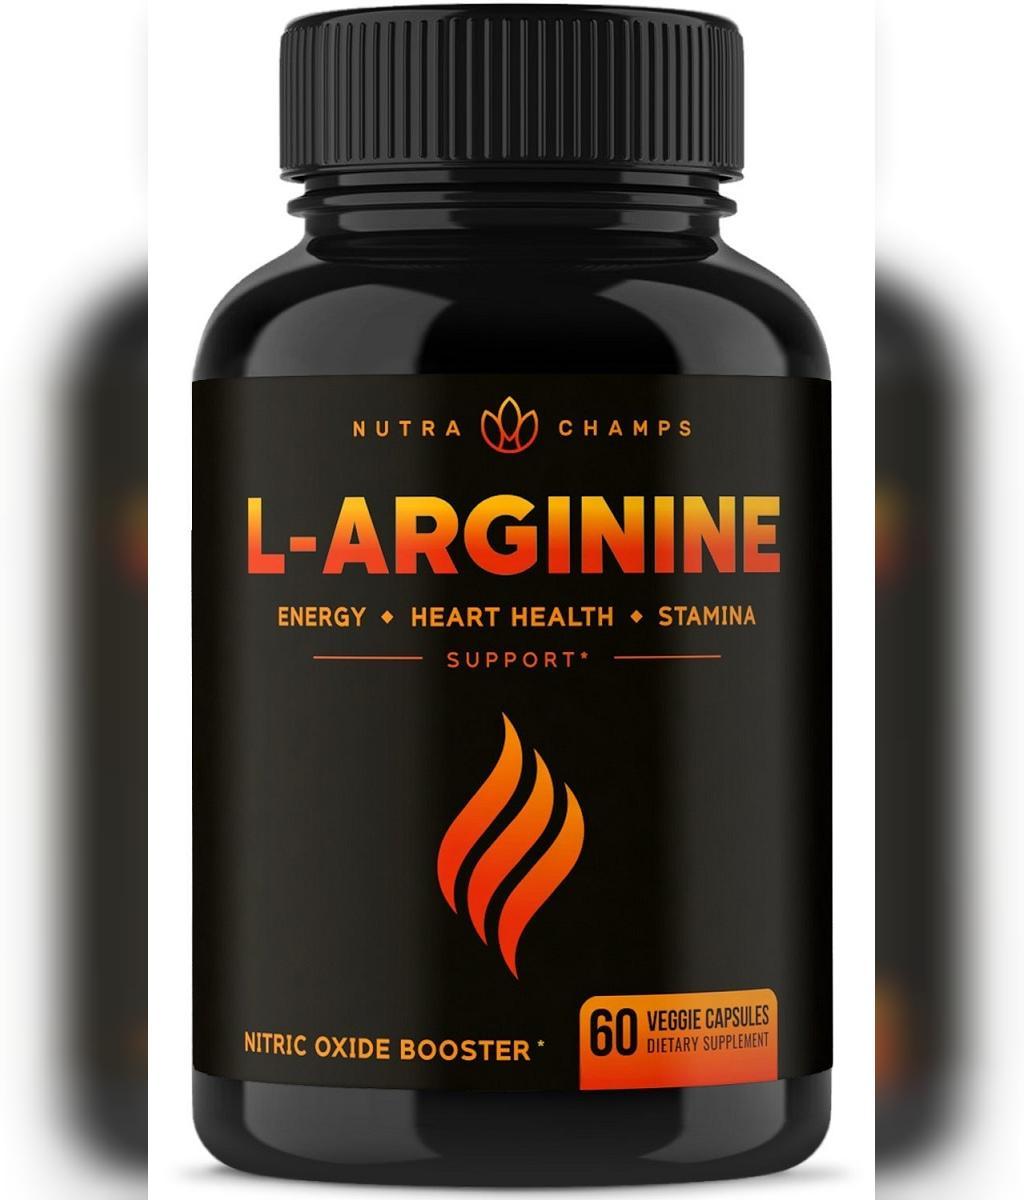 مکمل آرژنین برای هورمون رشد